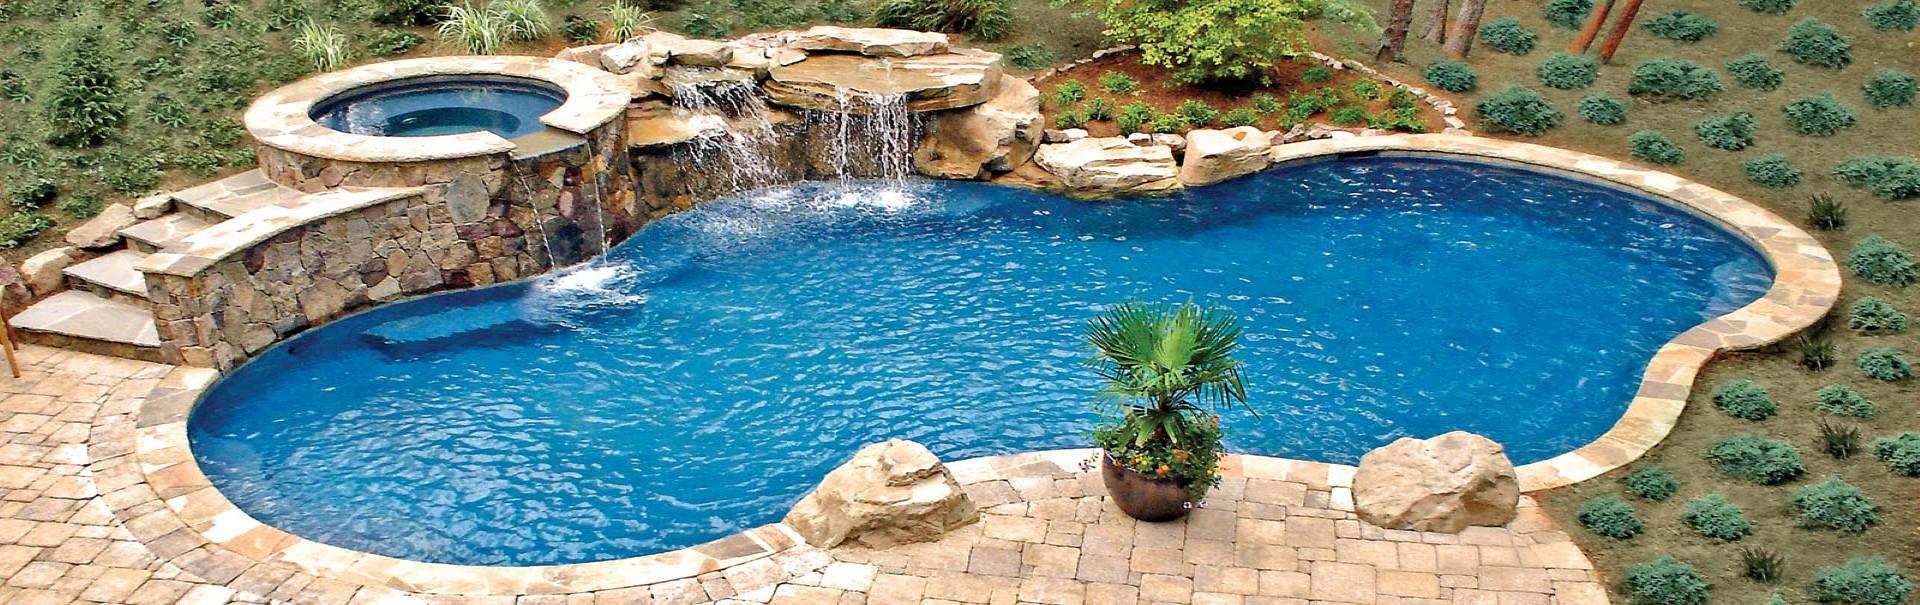 charlotte-inground-pool3